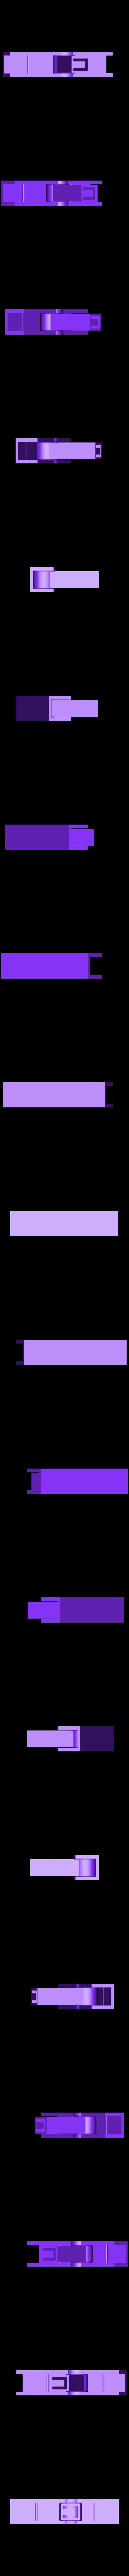 B_to_S_jointsV2.stl Télécharger fichier STL gratuit Aile Infastructure métallique • Design pour impression 3D, Fayeya